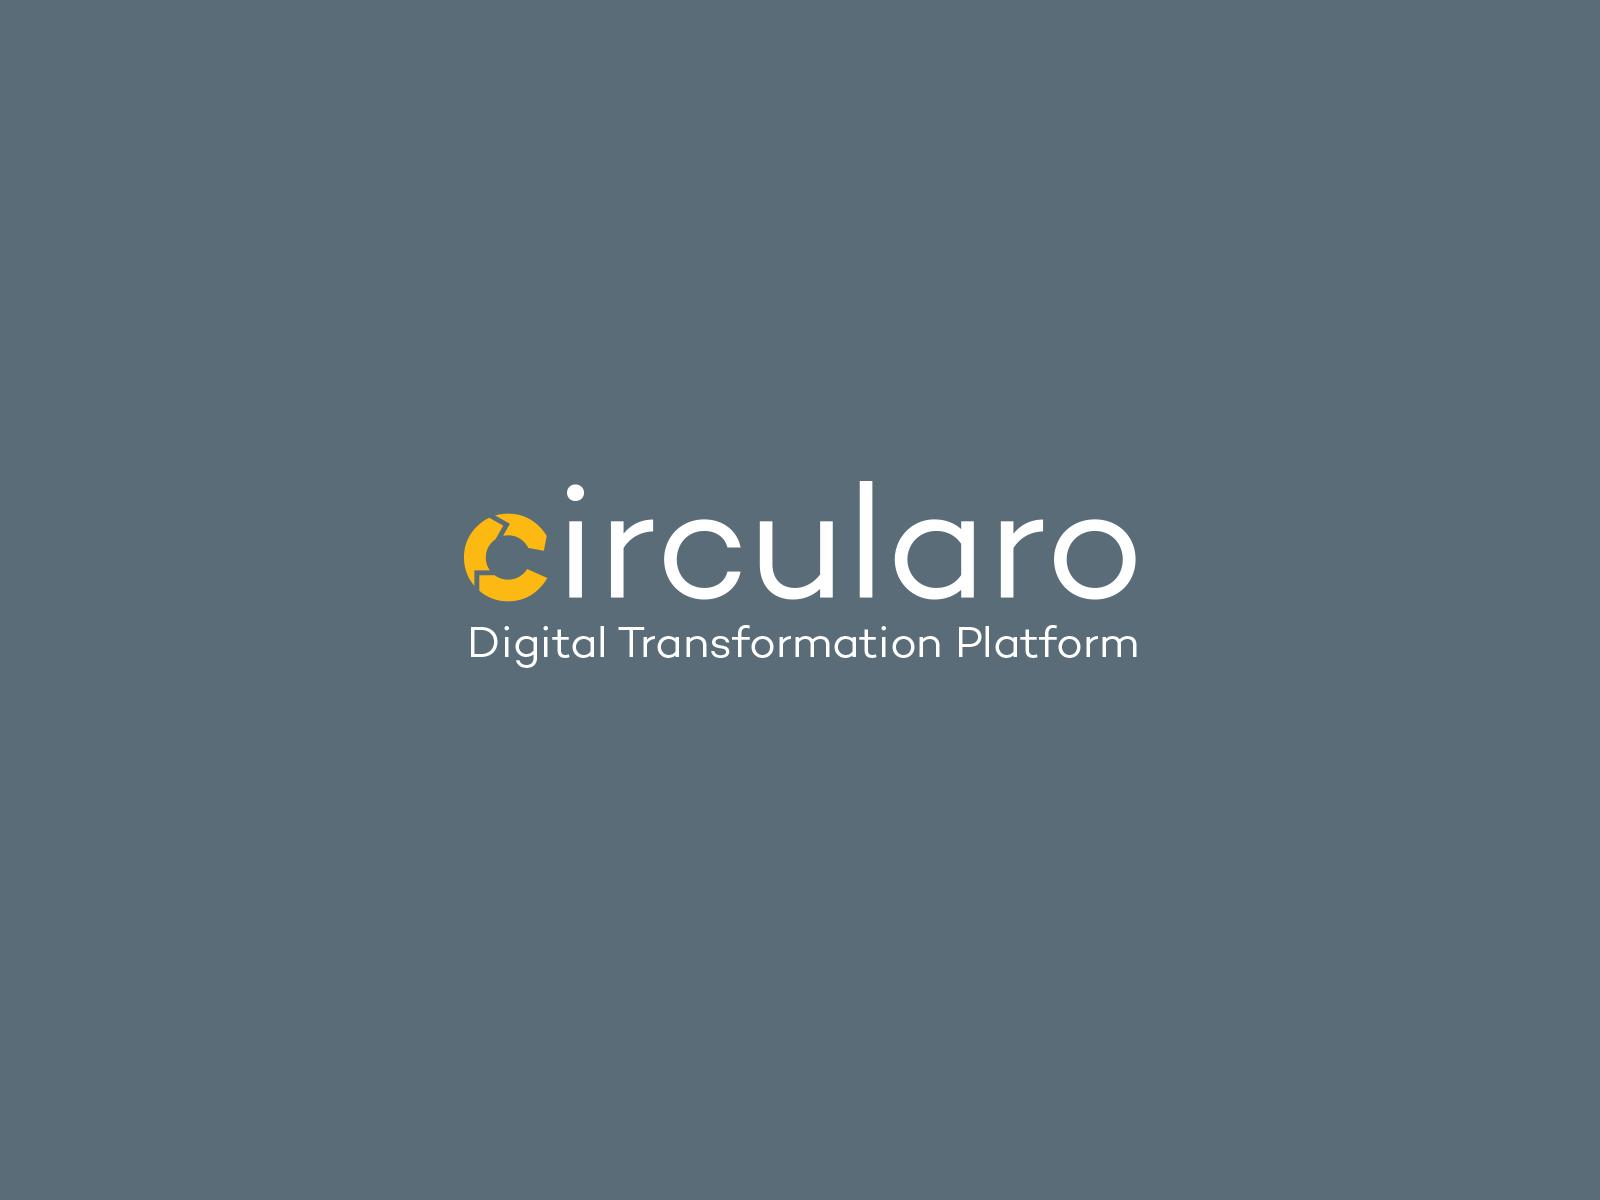 circularo Logotype